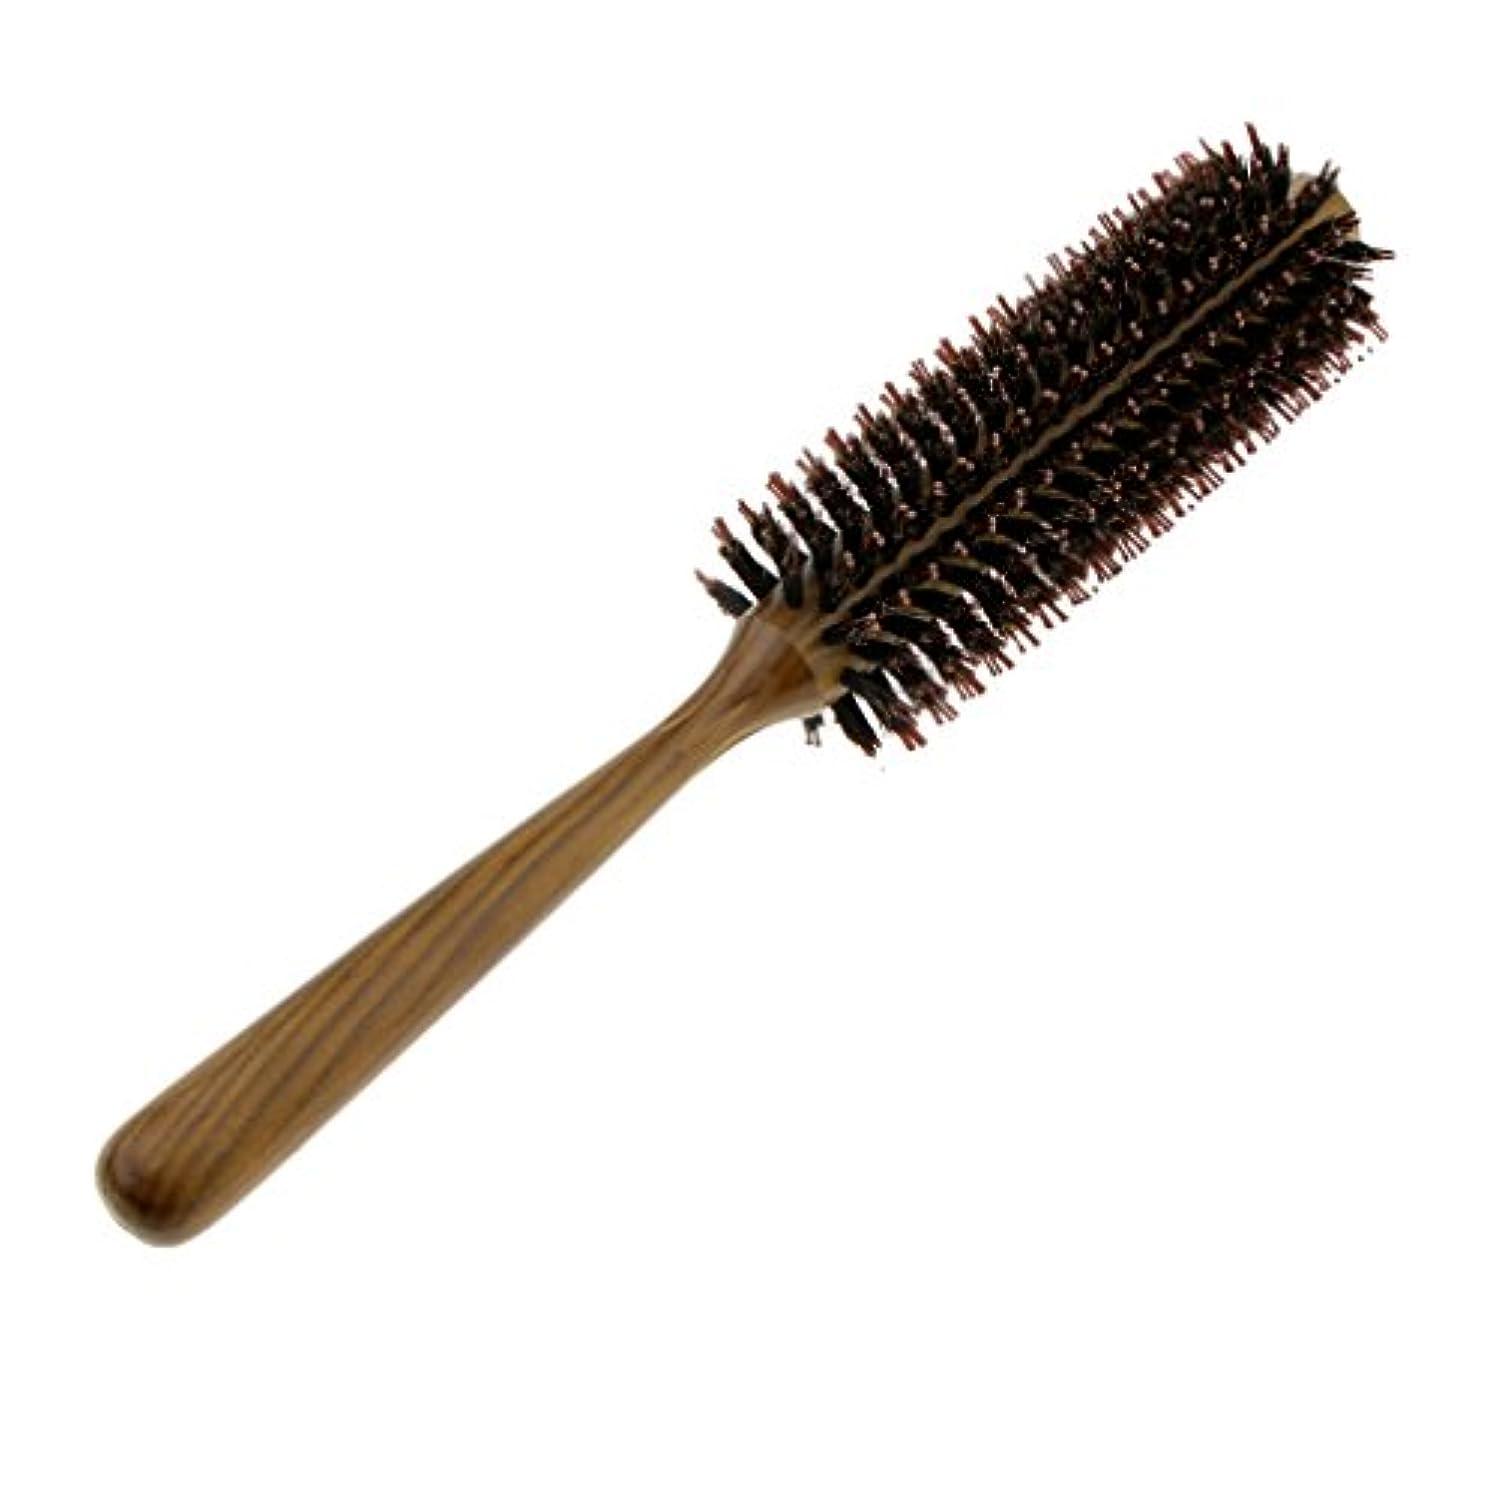 推測するぶら下がる面白いブラシラウンドヘア櫛波状カーリースタイリングカーリング美容髪ブラシ - M